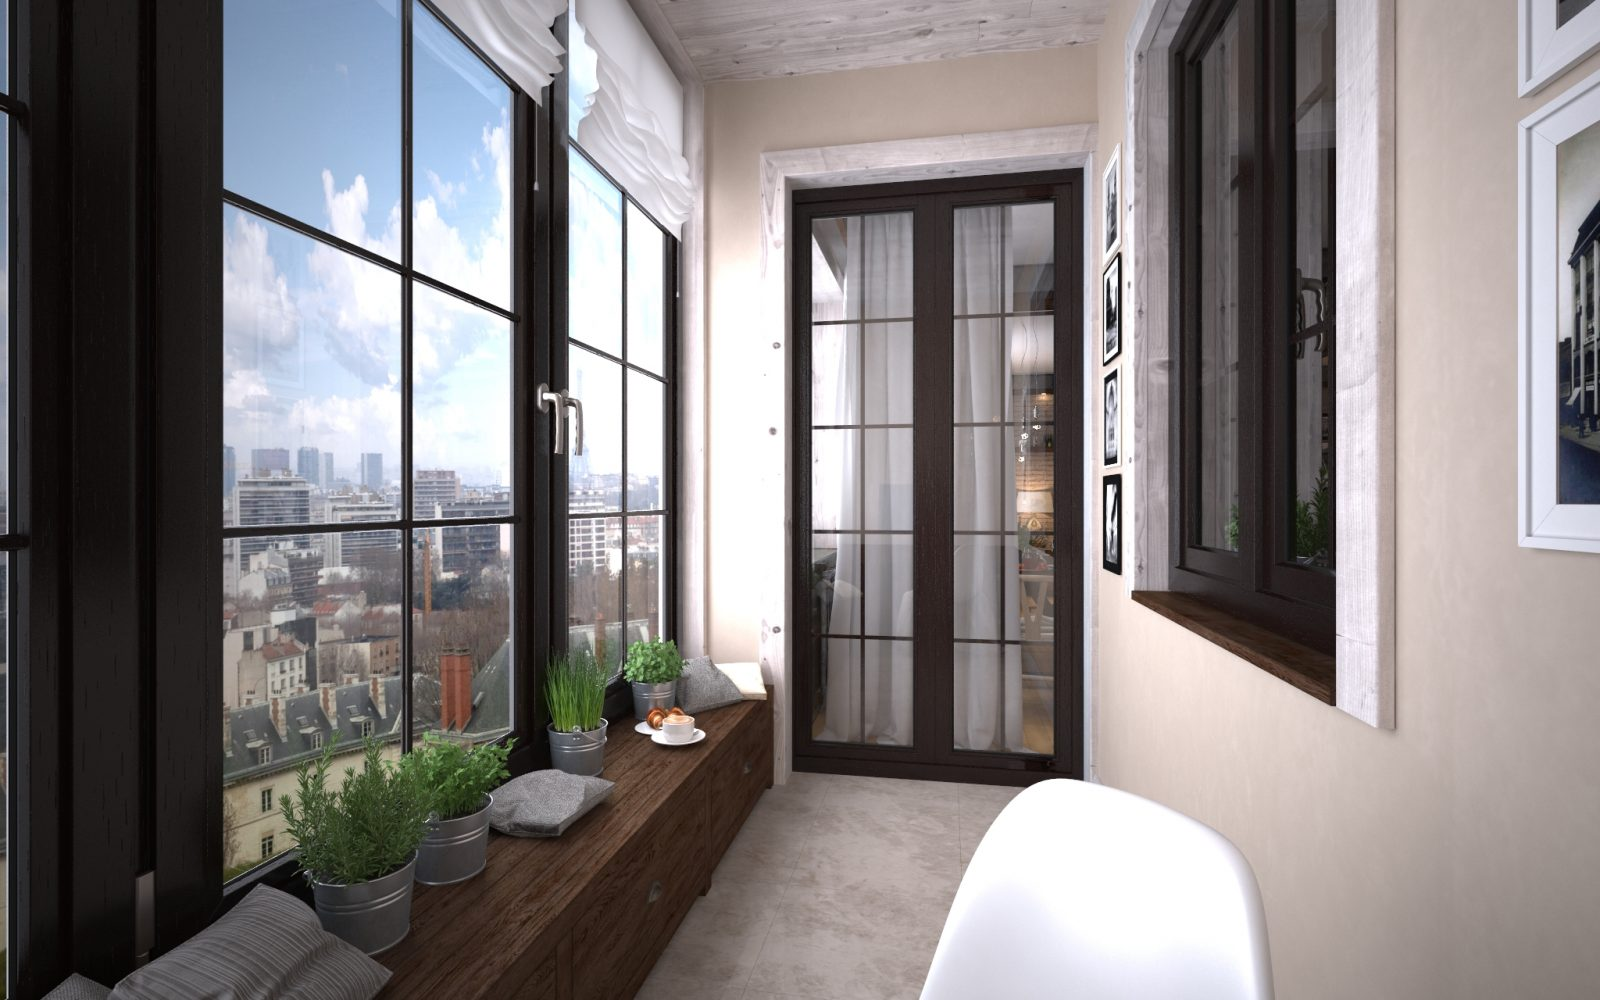 французские окна в квартире на балкон фото данные полной